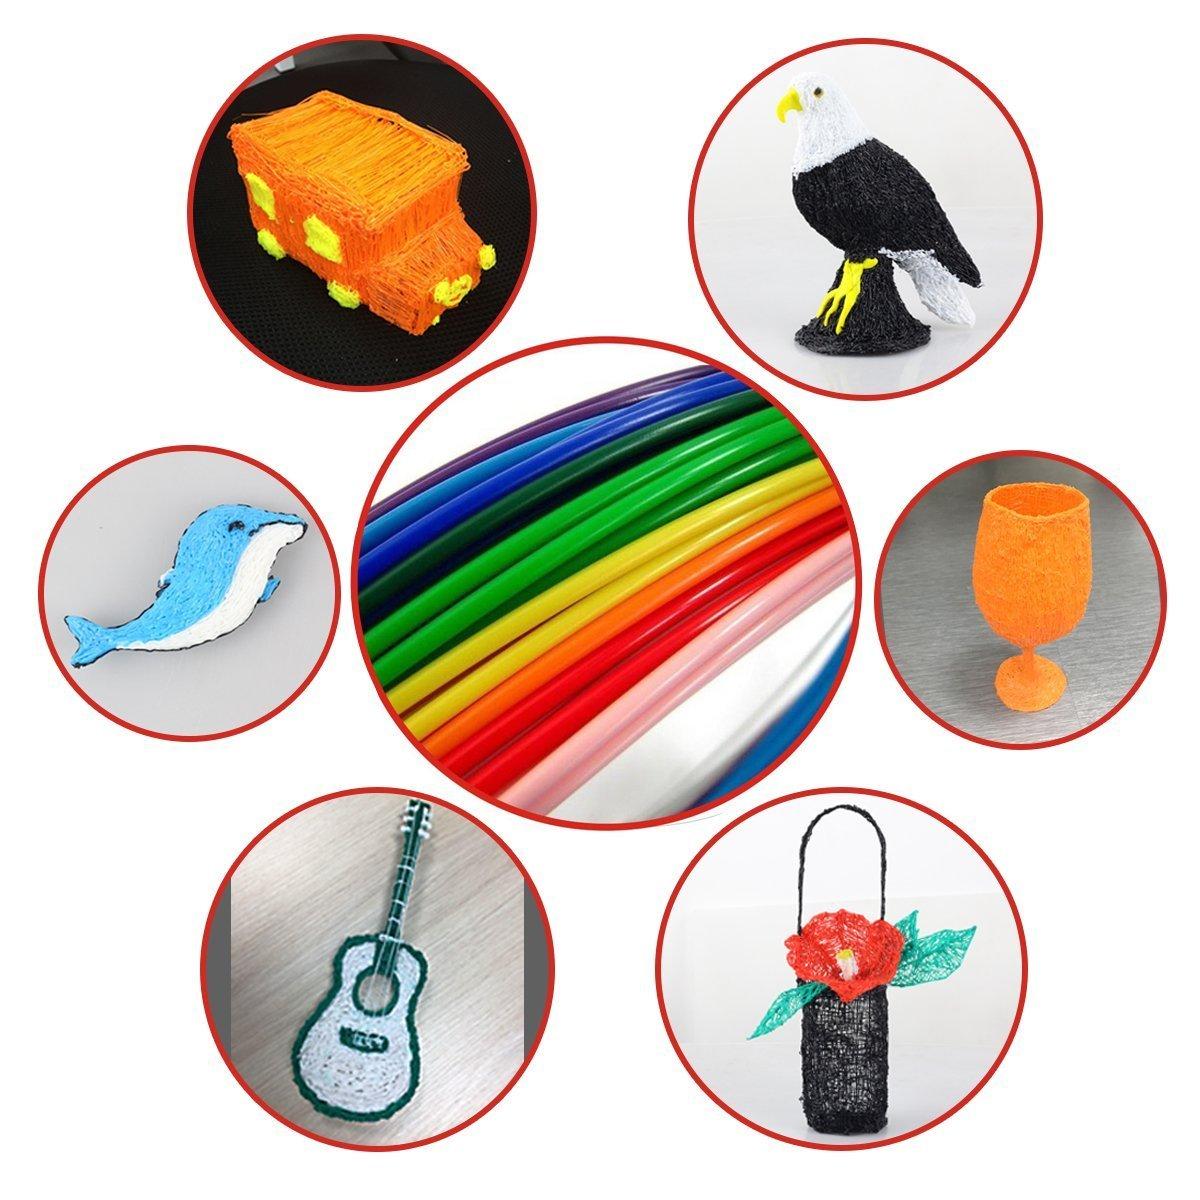 Zeichnung und Kunst /& handgefertigte Werke 3D Stift Set mit 1,75 mm PLA Filament f/ür Kinder 3D Druckstift Erwachsene Kritzelei Tipeye 3D Stifte f/ür Kinder mit LCD Display